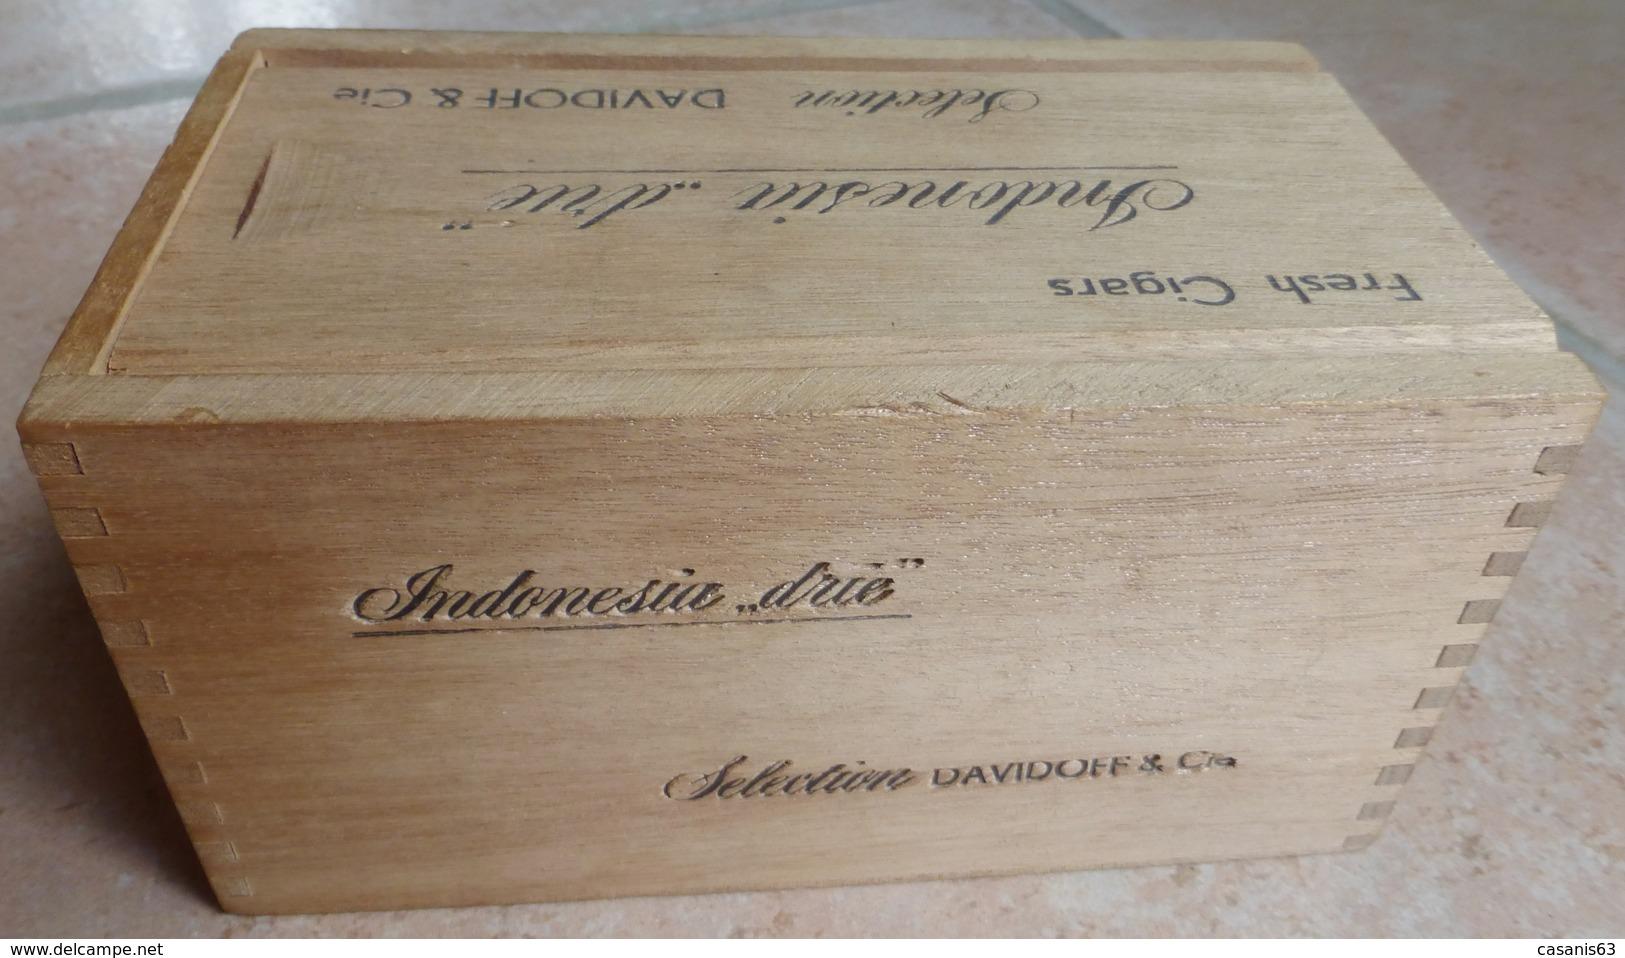 Boite Cigare DAVIDOFF - Fresh Cigars 25 INDONESIAN DRIE  Sélection DAVIDOFF & Cie - Étuis à Cigares